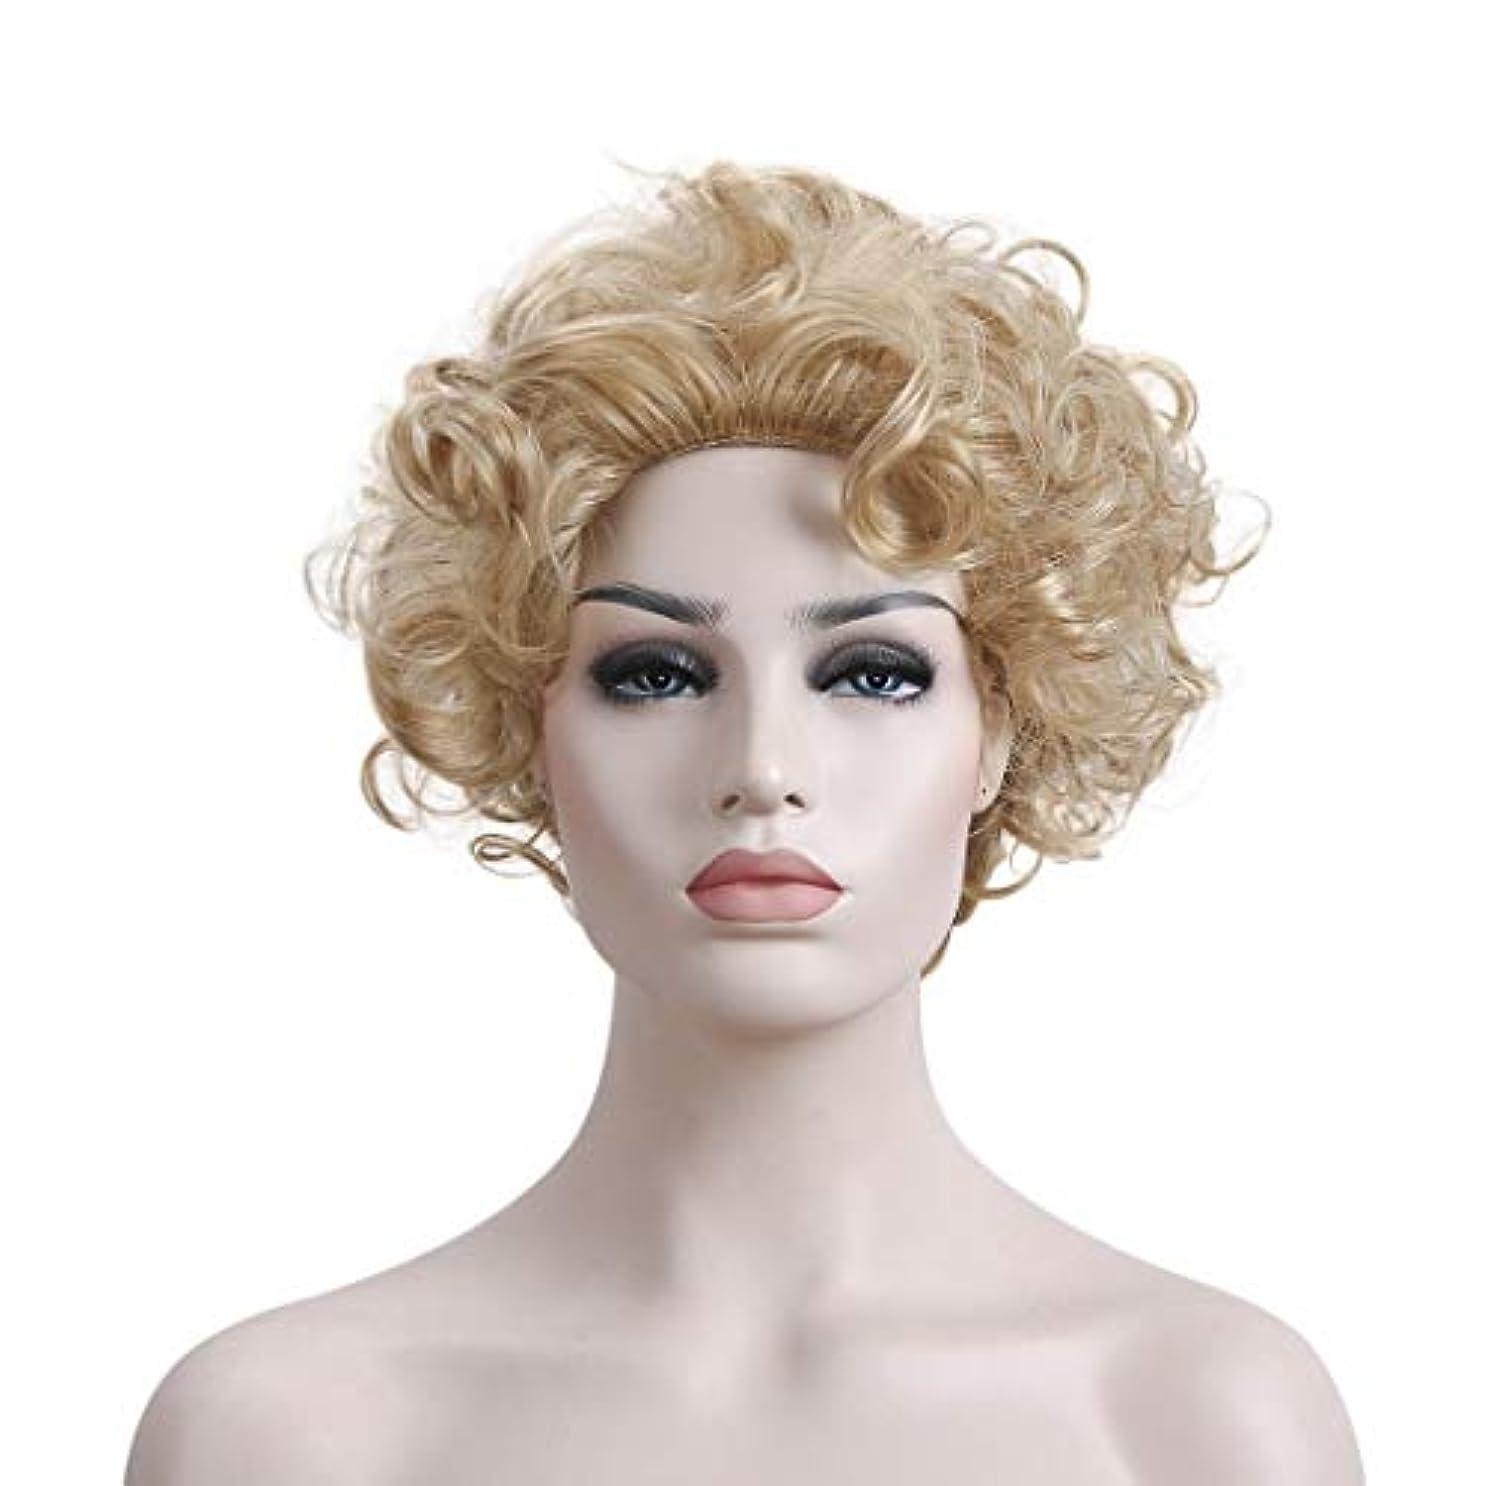 差別するタイトチャールズキージングYOUQIU 10インチホワイト女性金髪ボブウィッグ自然な熱のためのショートカーリーウィッグ性合成ファッションかつらウィッグ (色 : ゴールド, サイズ : 10